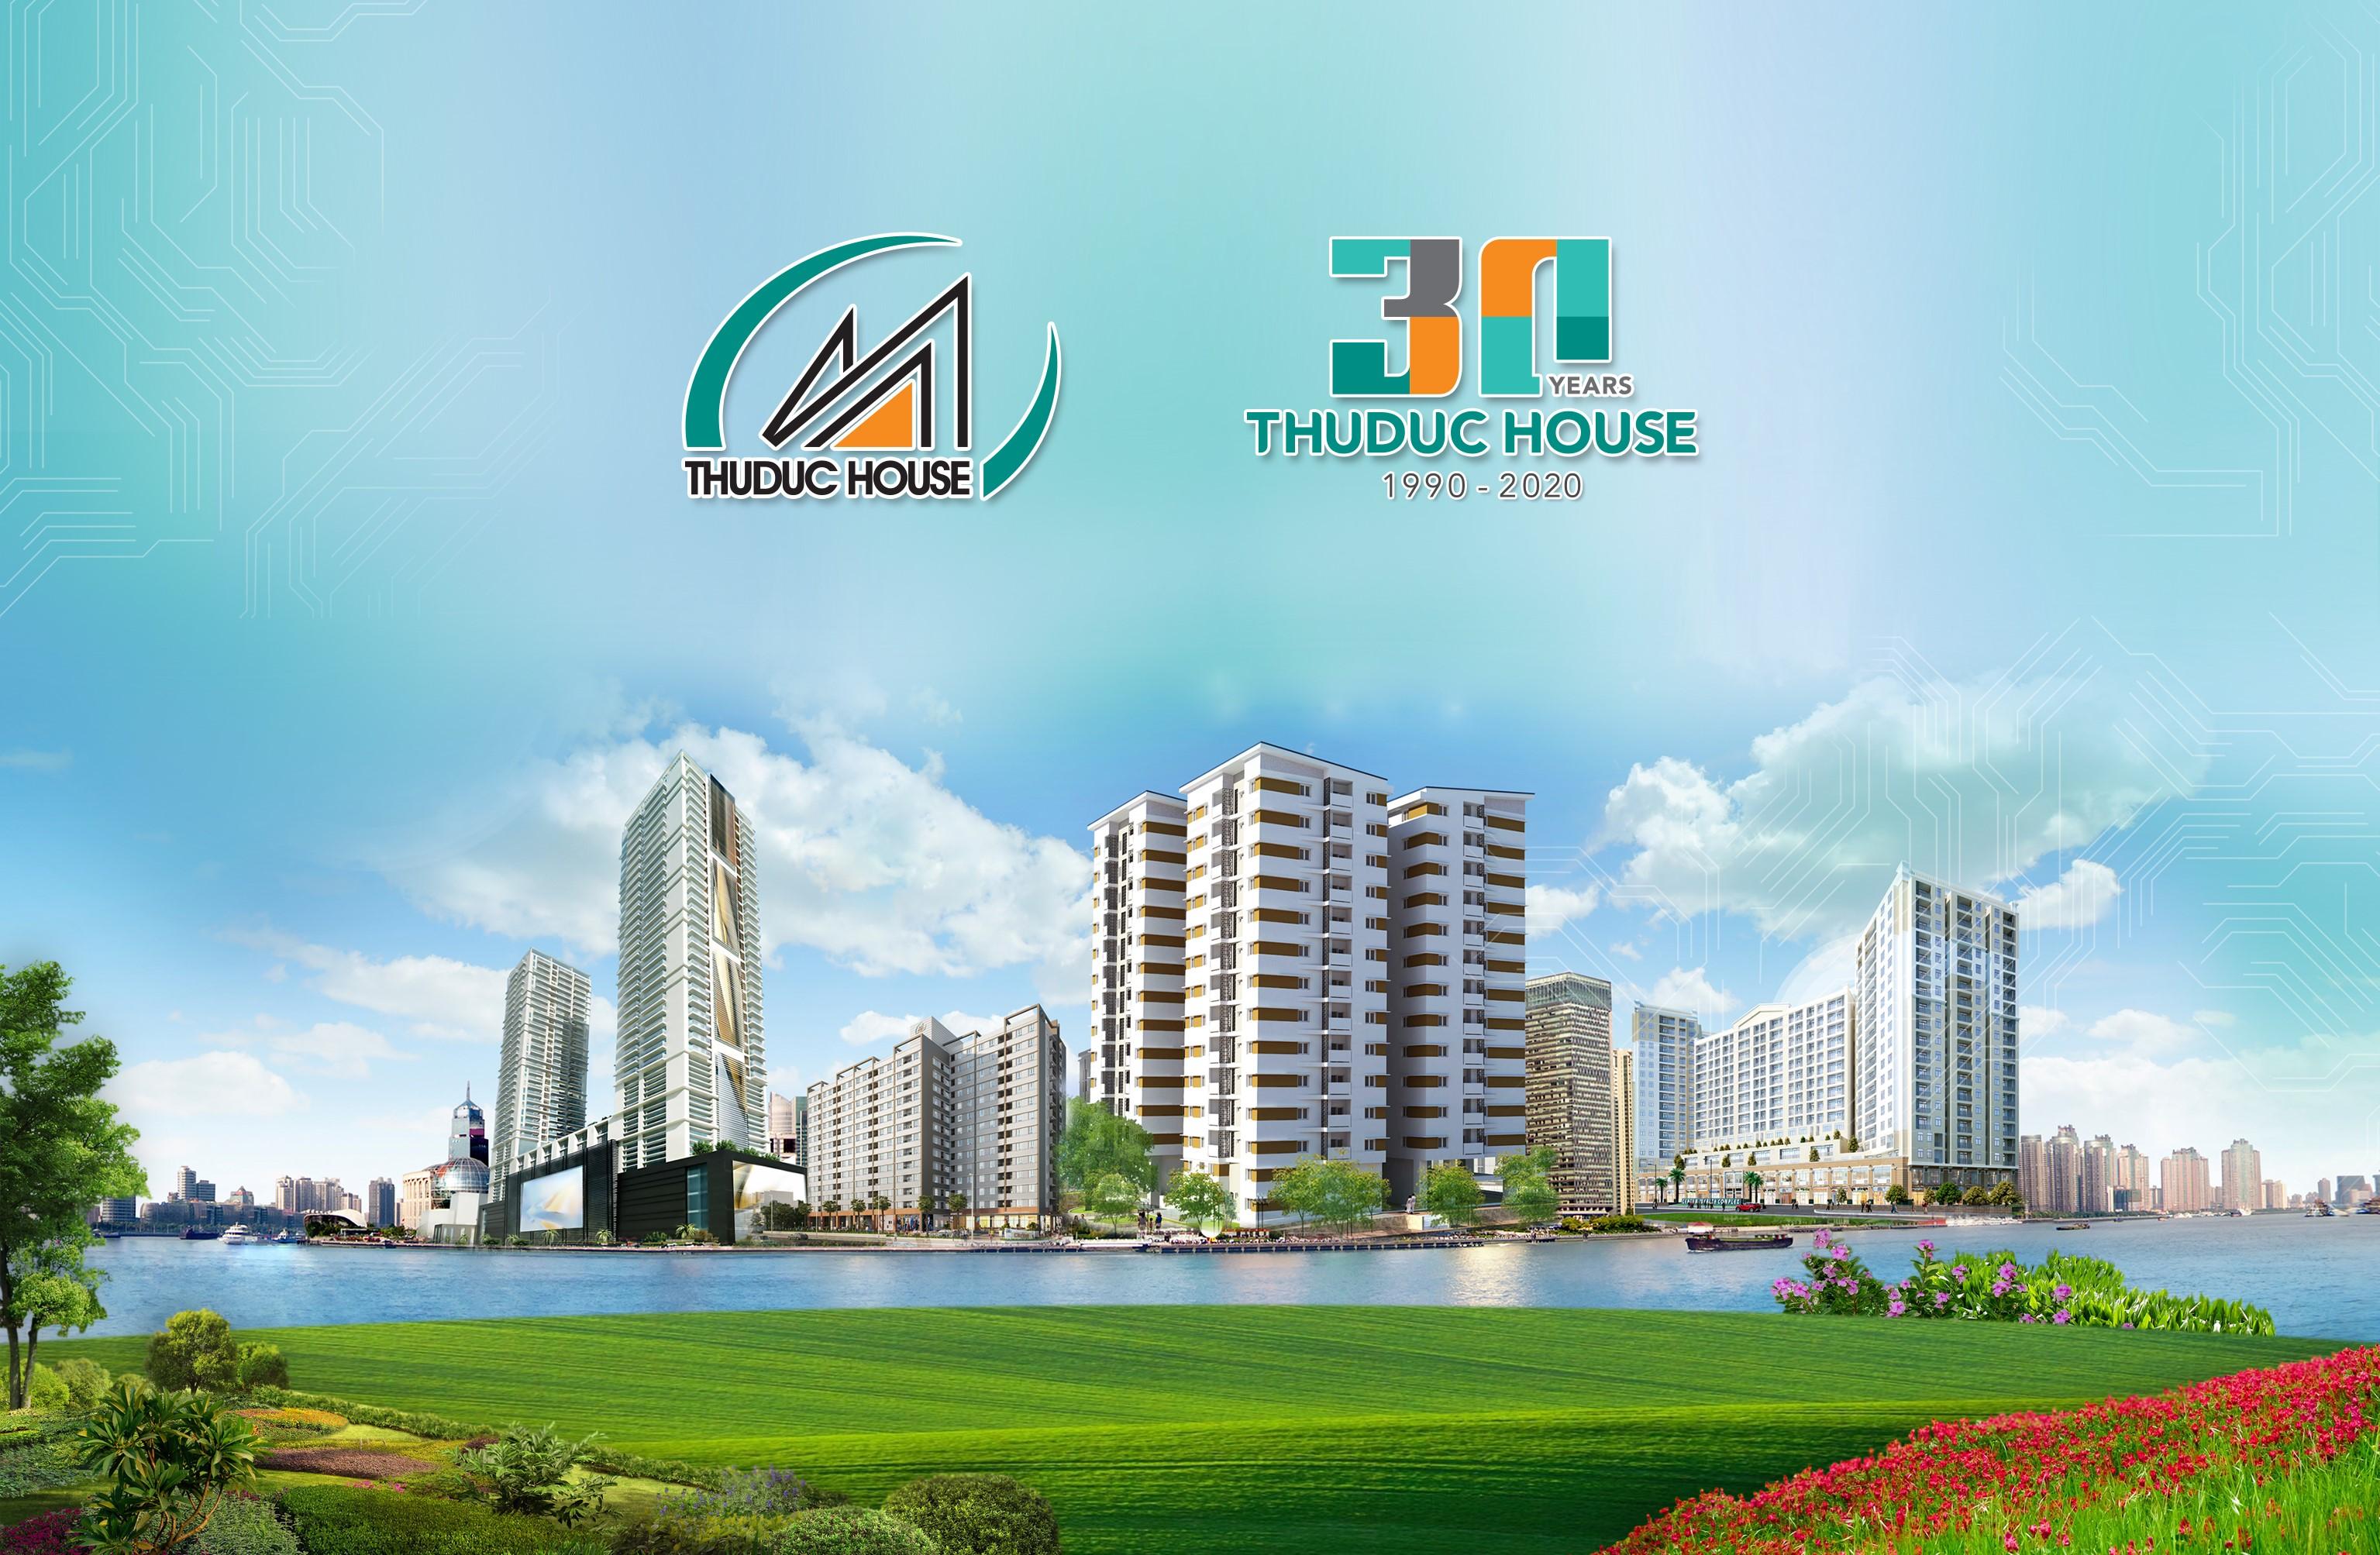 Thuduc House được UBND tỉnh Bà Rịa - Vũng Tàu công nhận chủ đầu tư dự án khu nhà ở thương mại đồi vàng Phú Mỹ